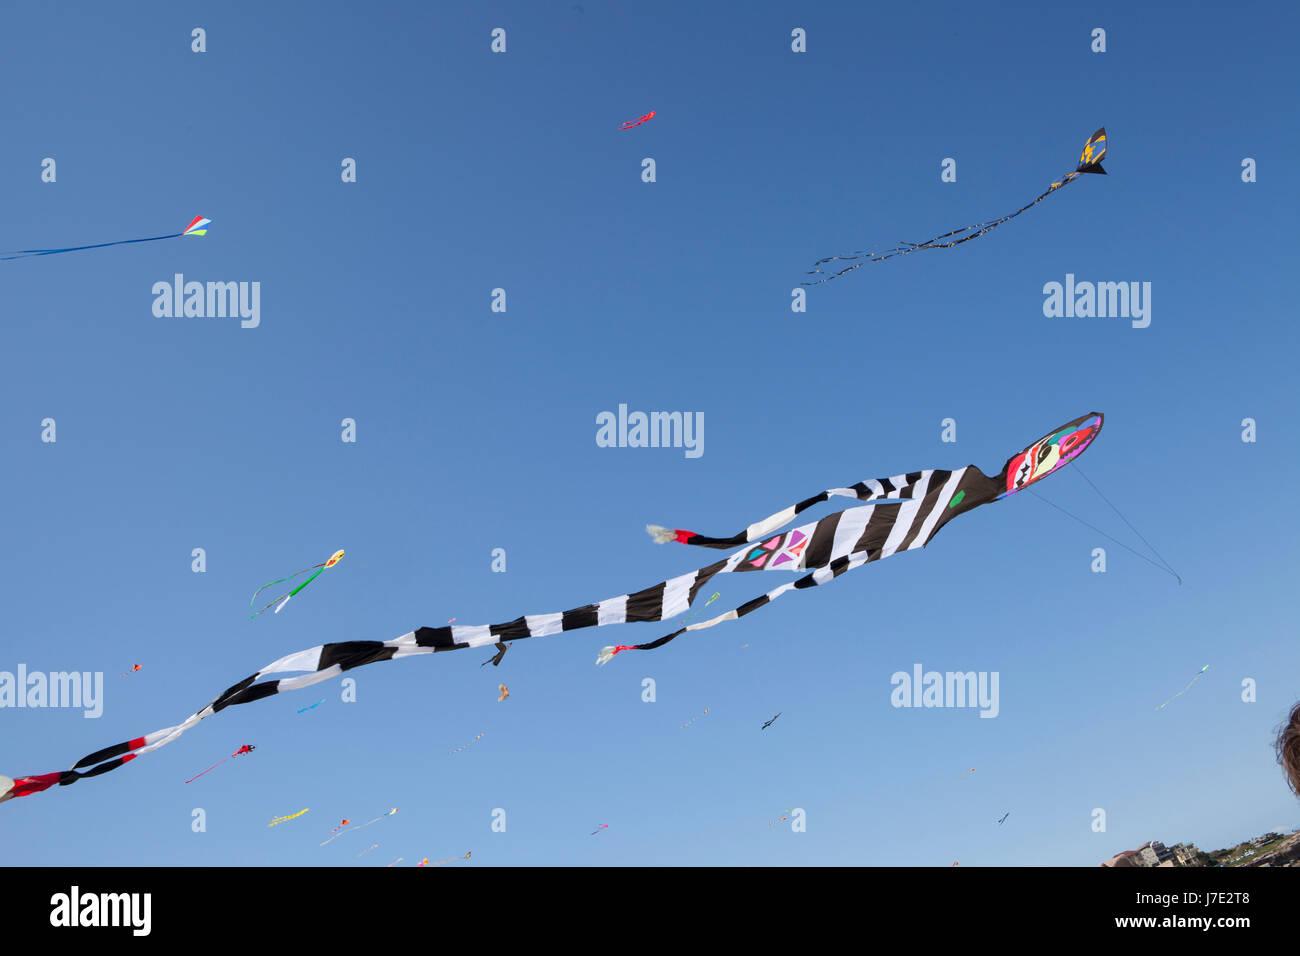 Festival of the Winds, Bondi Beach, Sydney. Kite flying festival. - Stock Image